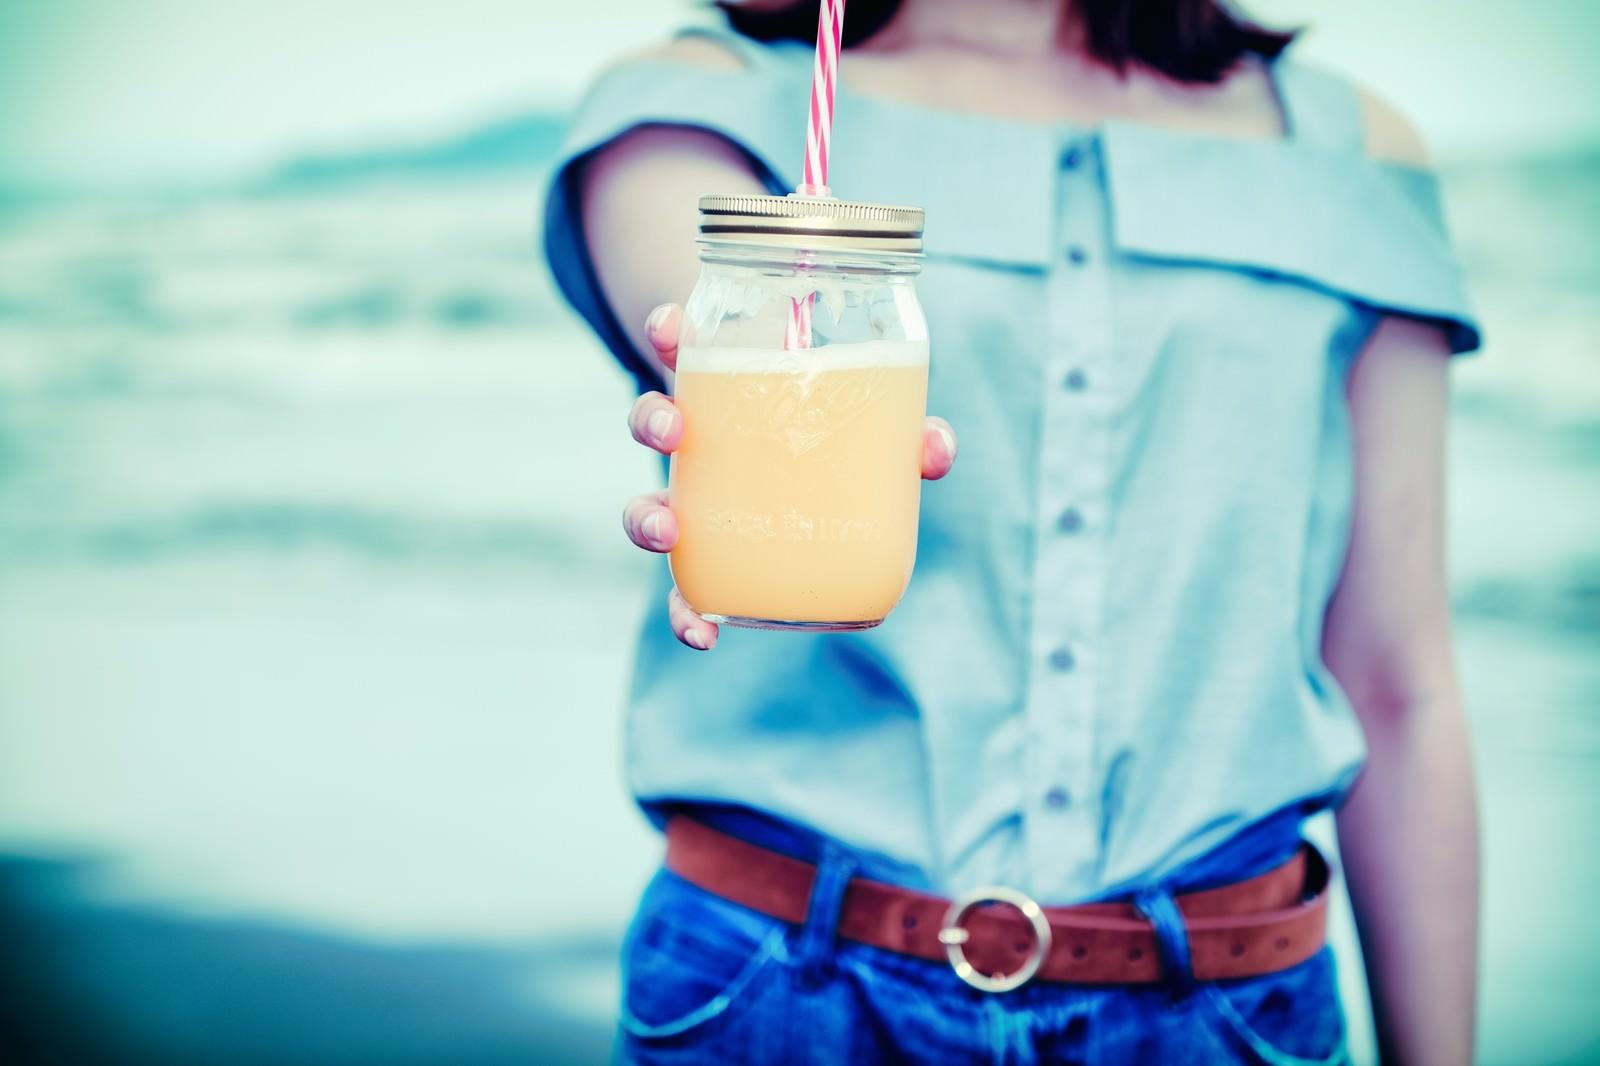 「飲みかけだけど飲む?(ガラスのドリンクジャー)飲みかけだけど飲む?(ガラスのドリンクジャー)」のフリー写真素材を拡大